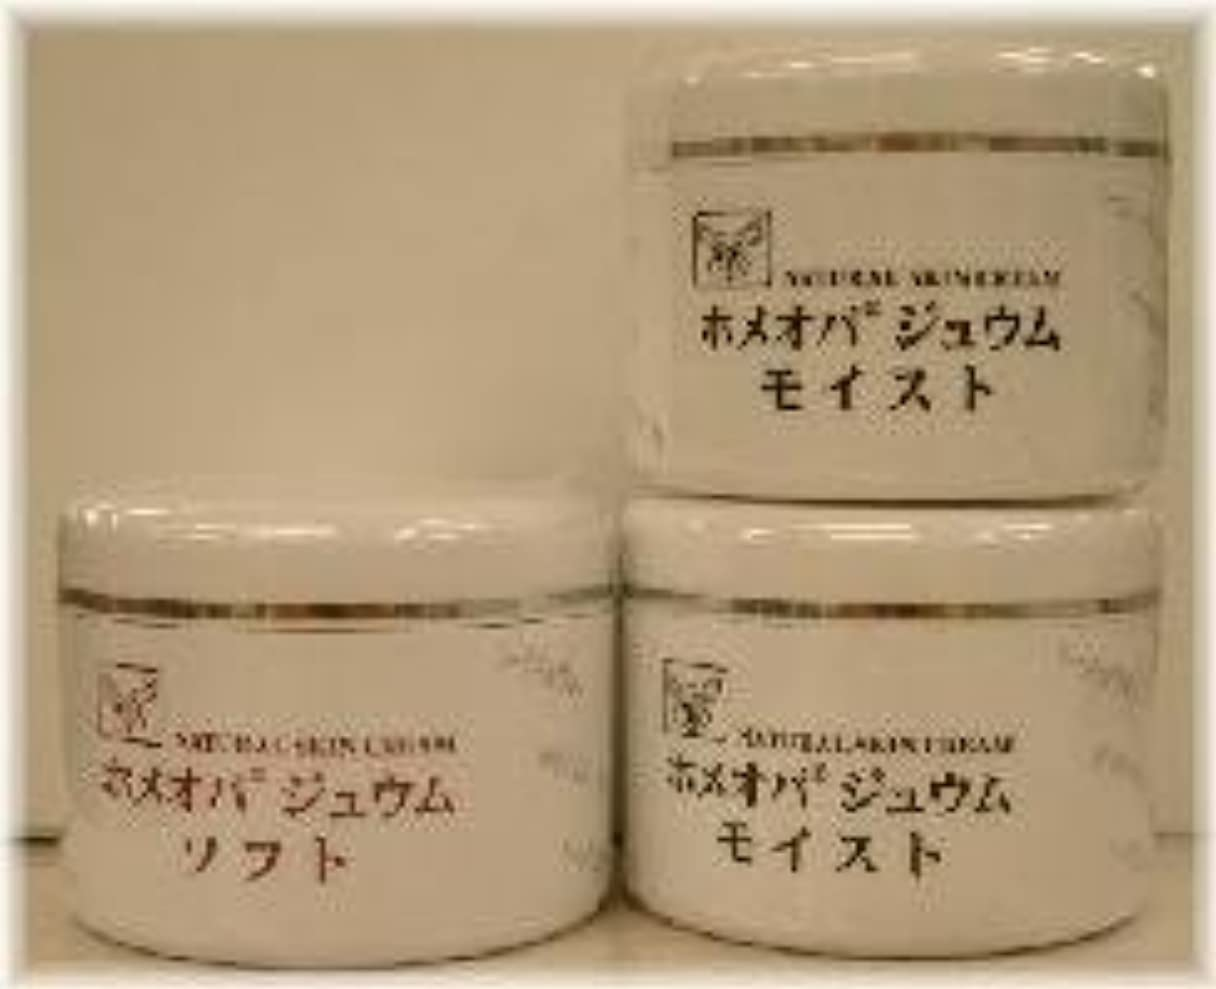 災害無視するフェザーホメオパジュウム スキンケア商品3点 ¥10500クリームモイスト2個+クリームソフト